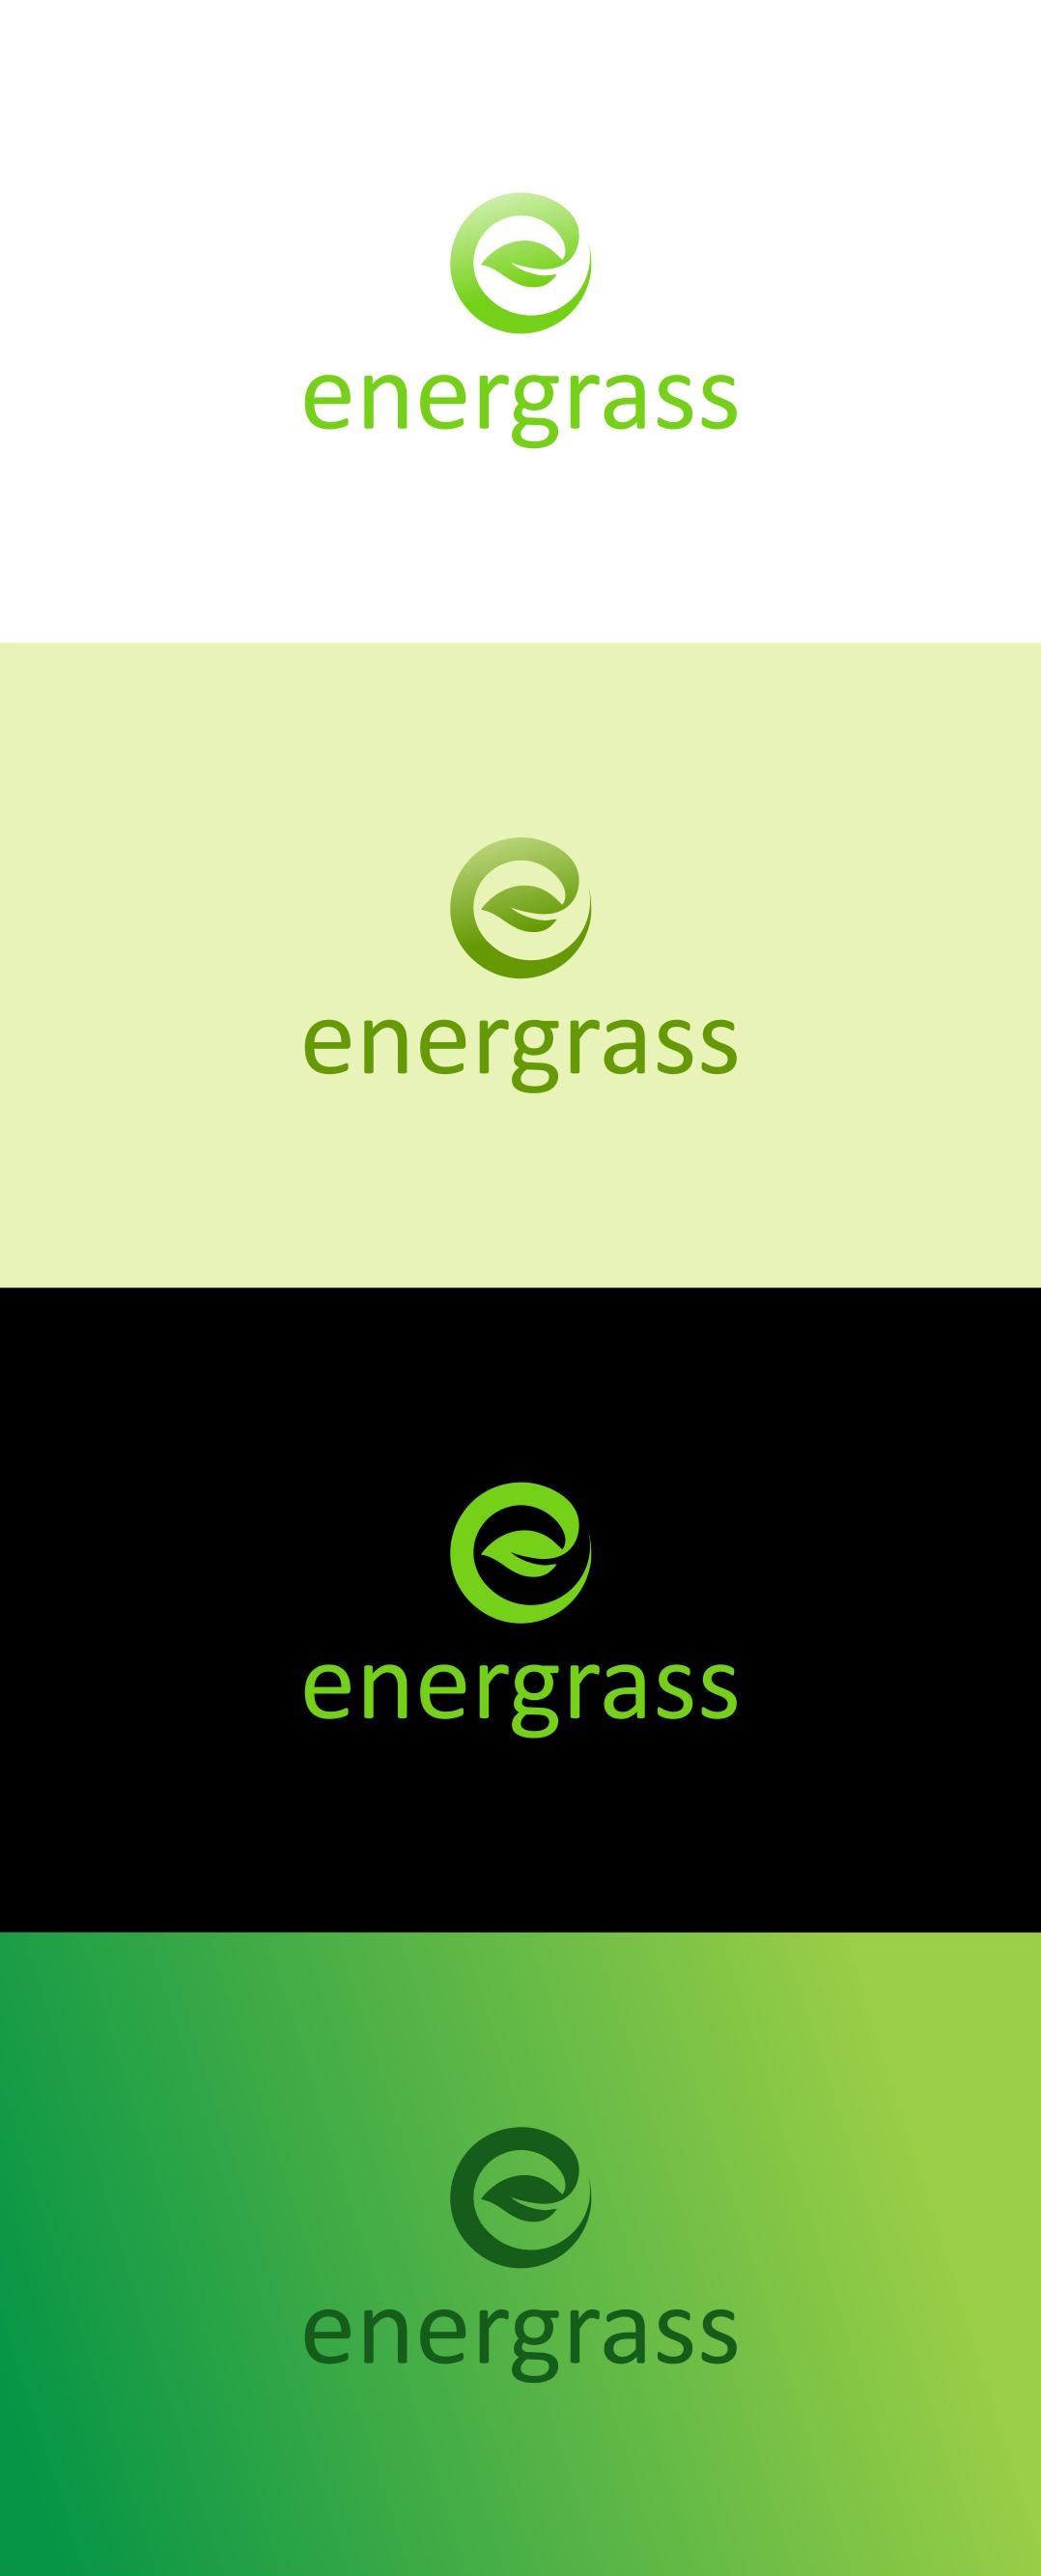 Графический дизайнер для создания логотипа Energrass. фото f_8515f89845d98819.jpg